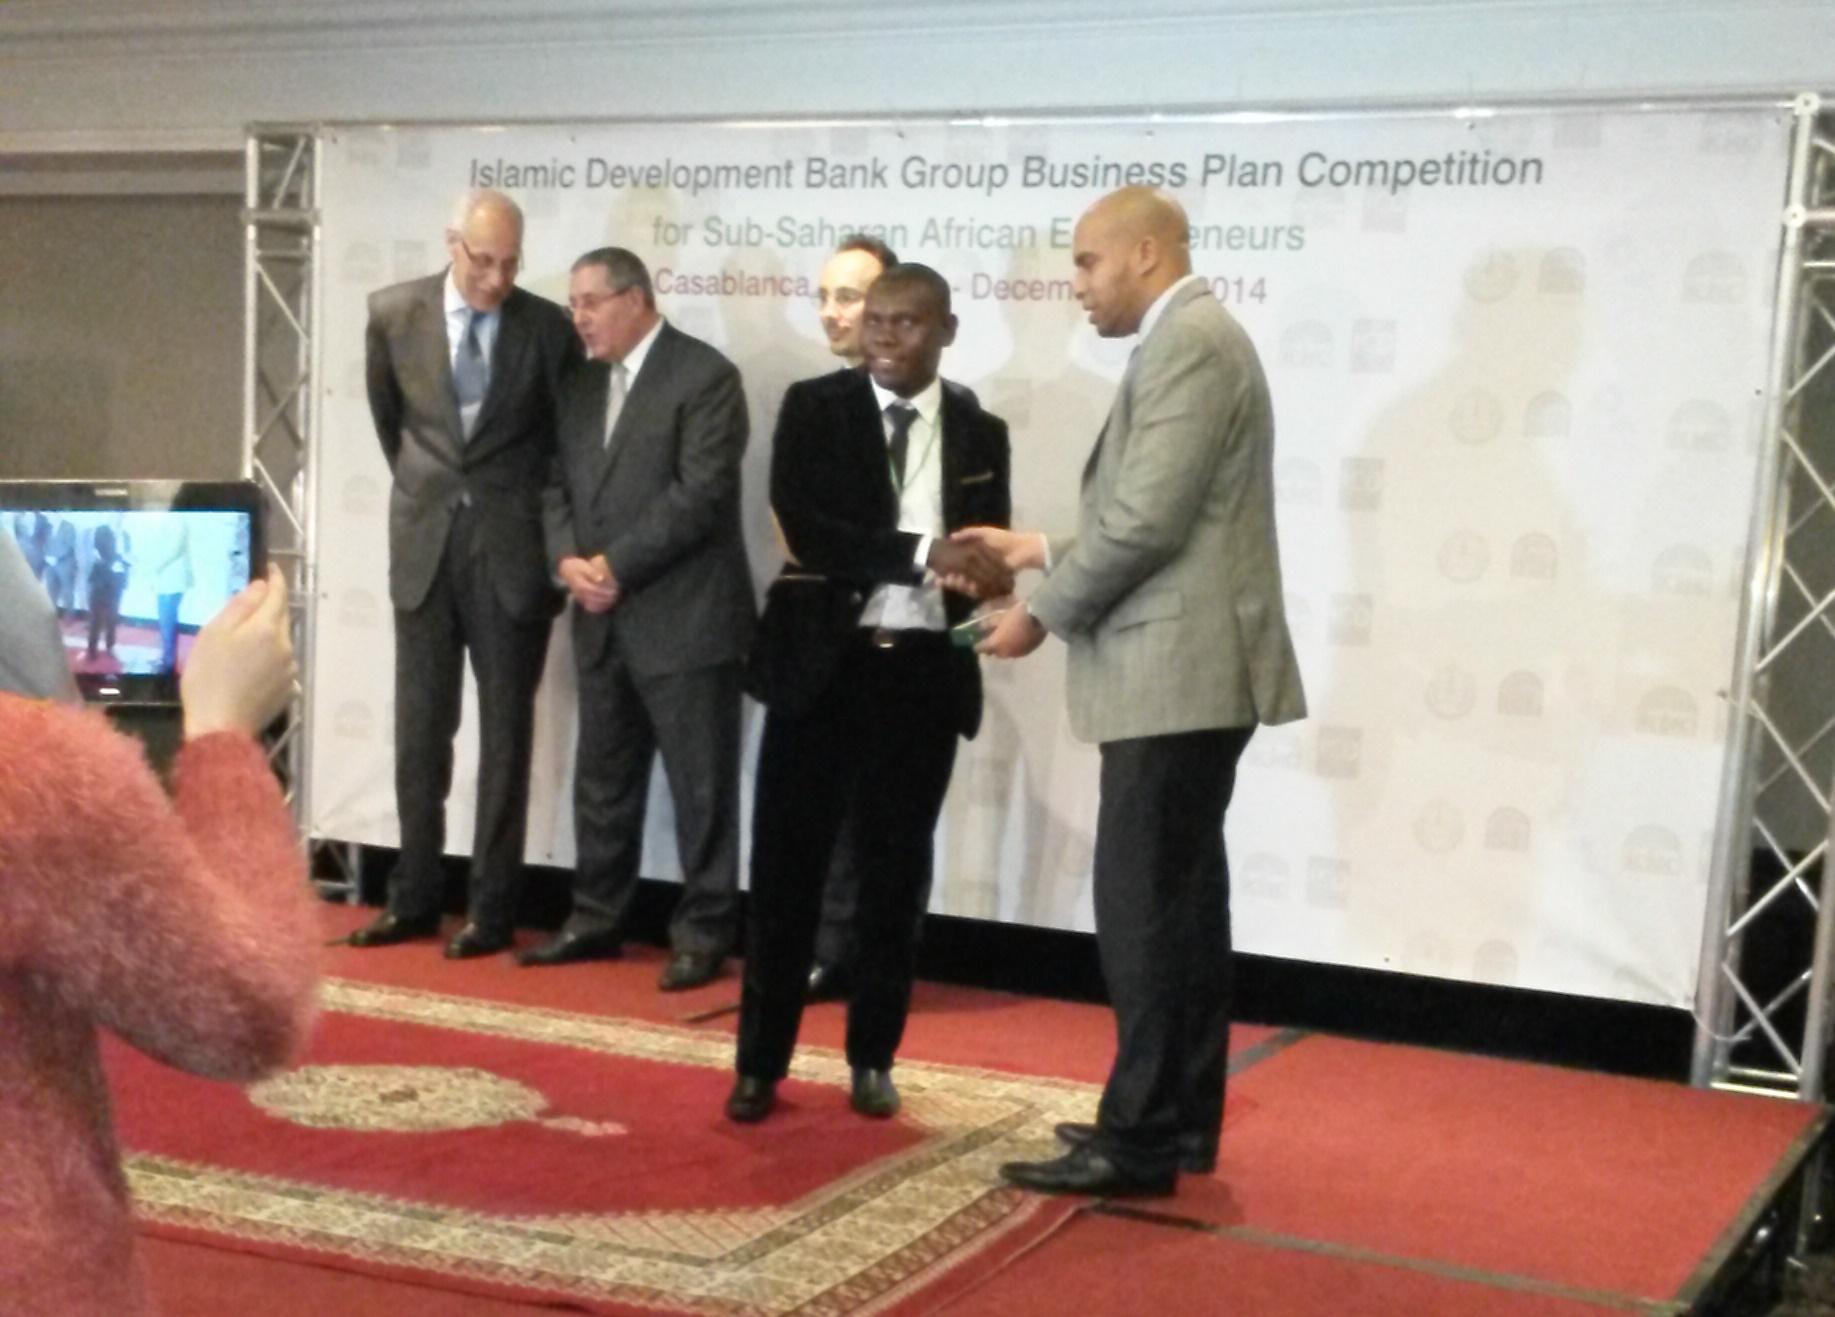 Remise de Prix au Concours Business Plan organisé par la Banque Islamique de Développement à Casablanca – Maroc